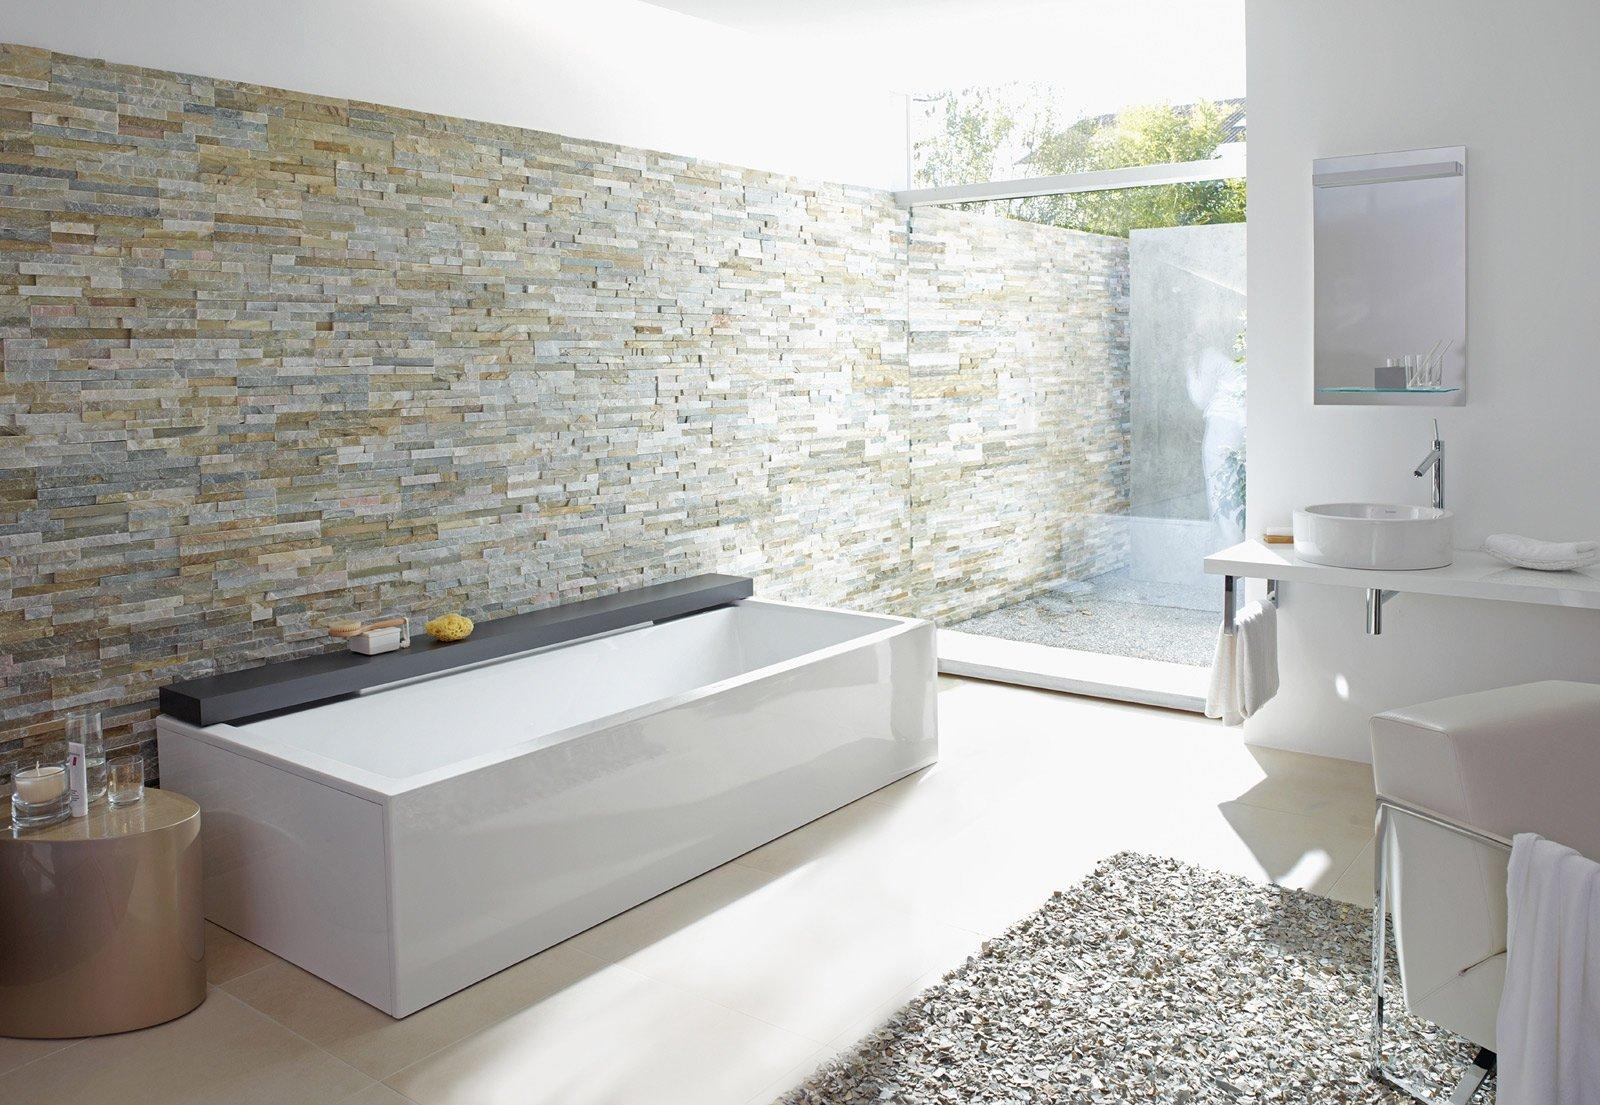 Bagno come attrezzarlo per il tuo benessere cose di casa for Case moderne sotto 100k